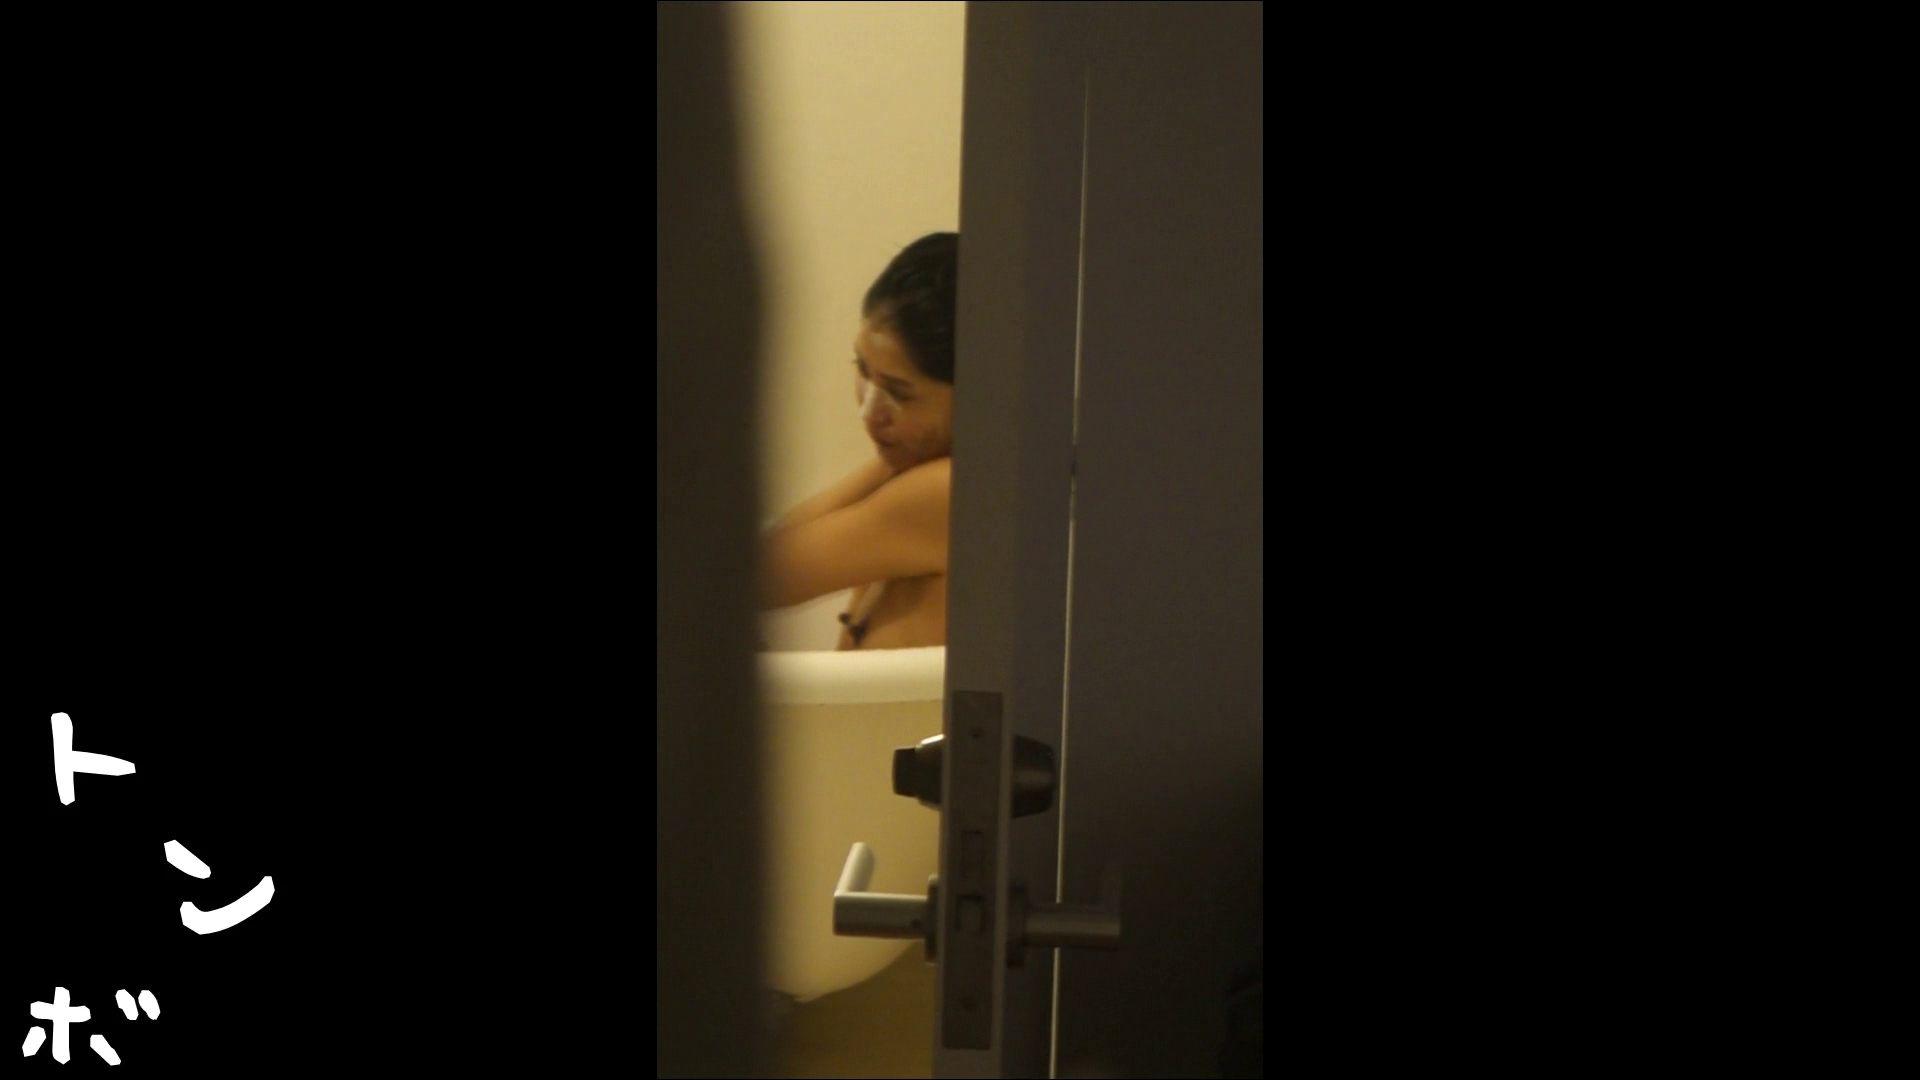 リアル盗撮 オナニー有り!現役モデルのシャワーシーン1 シャワー室 エロ画像 51画像 43